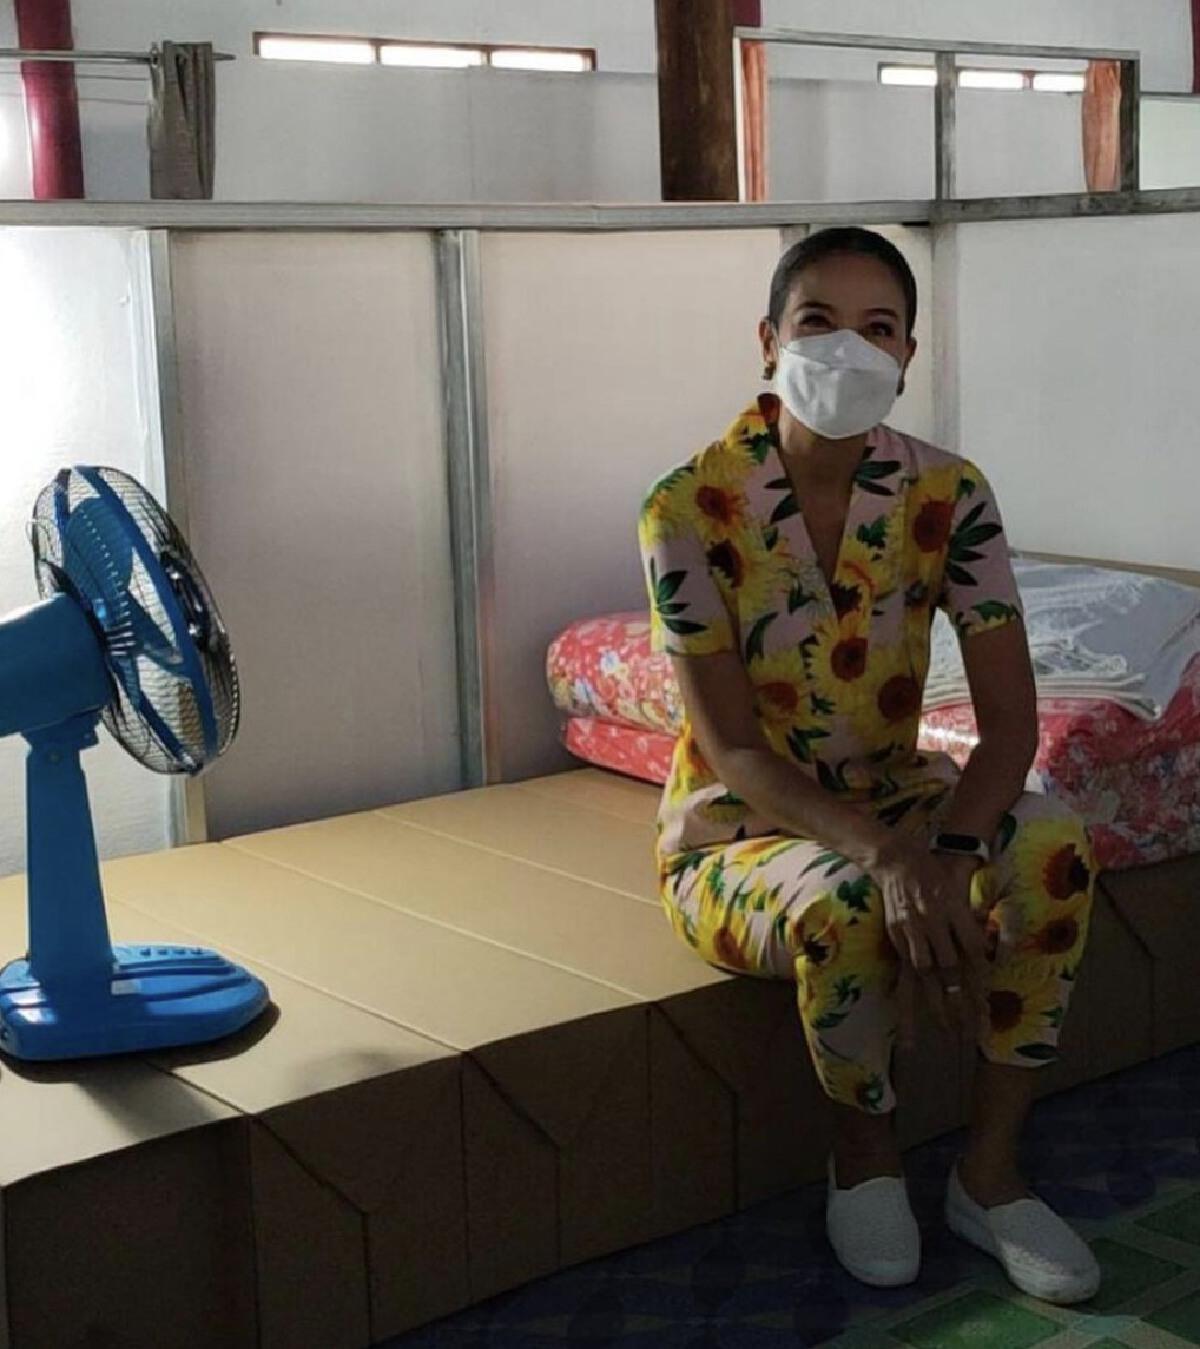 กบ ปภัสรา ประกาศเตียงเต็มแล้ว หลังเปิดโรงพยาบาลสนาม สุพรรณบุรี เพียง 5 วัน